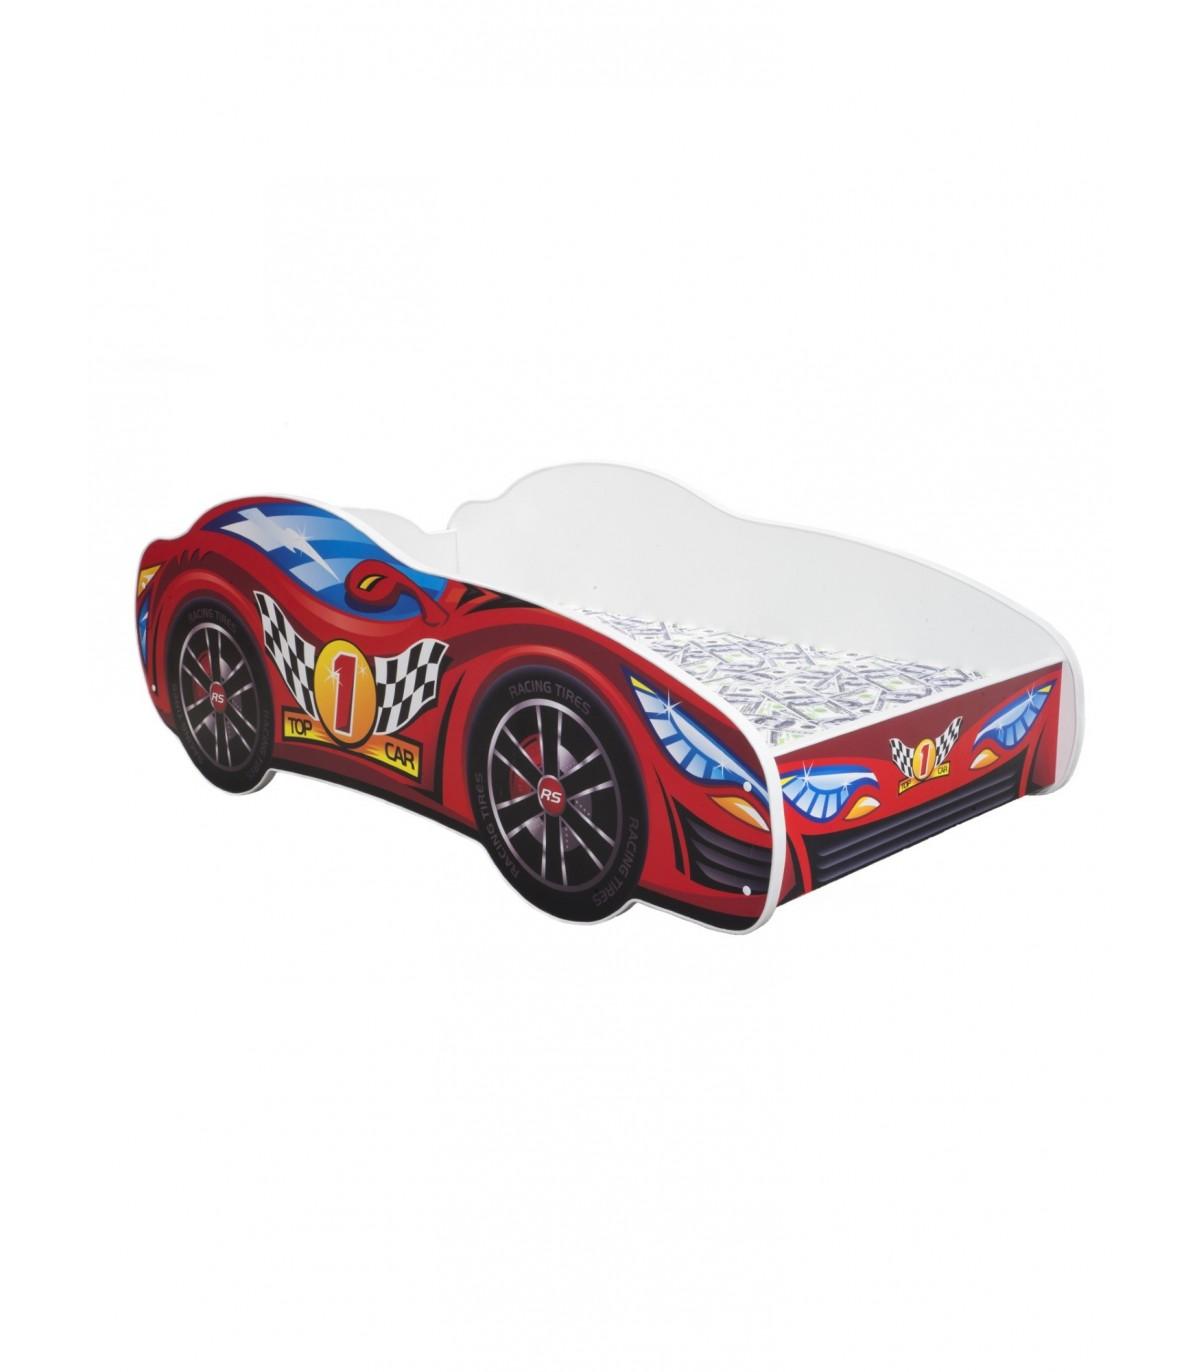 Racing Car Bed Toddler Red Mattress Pillow